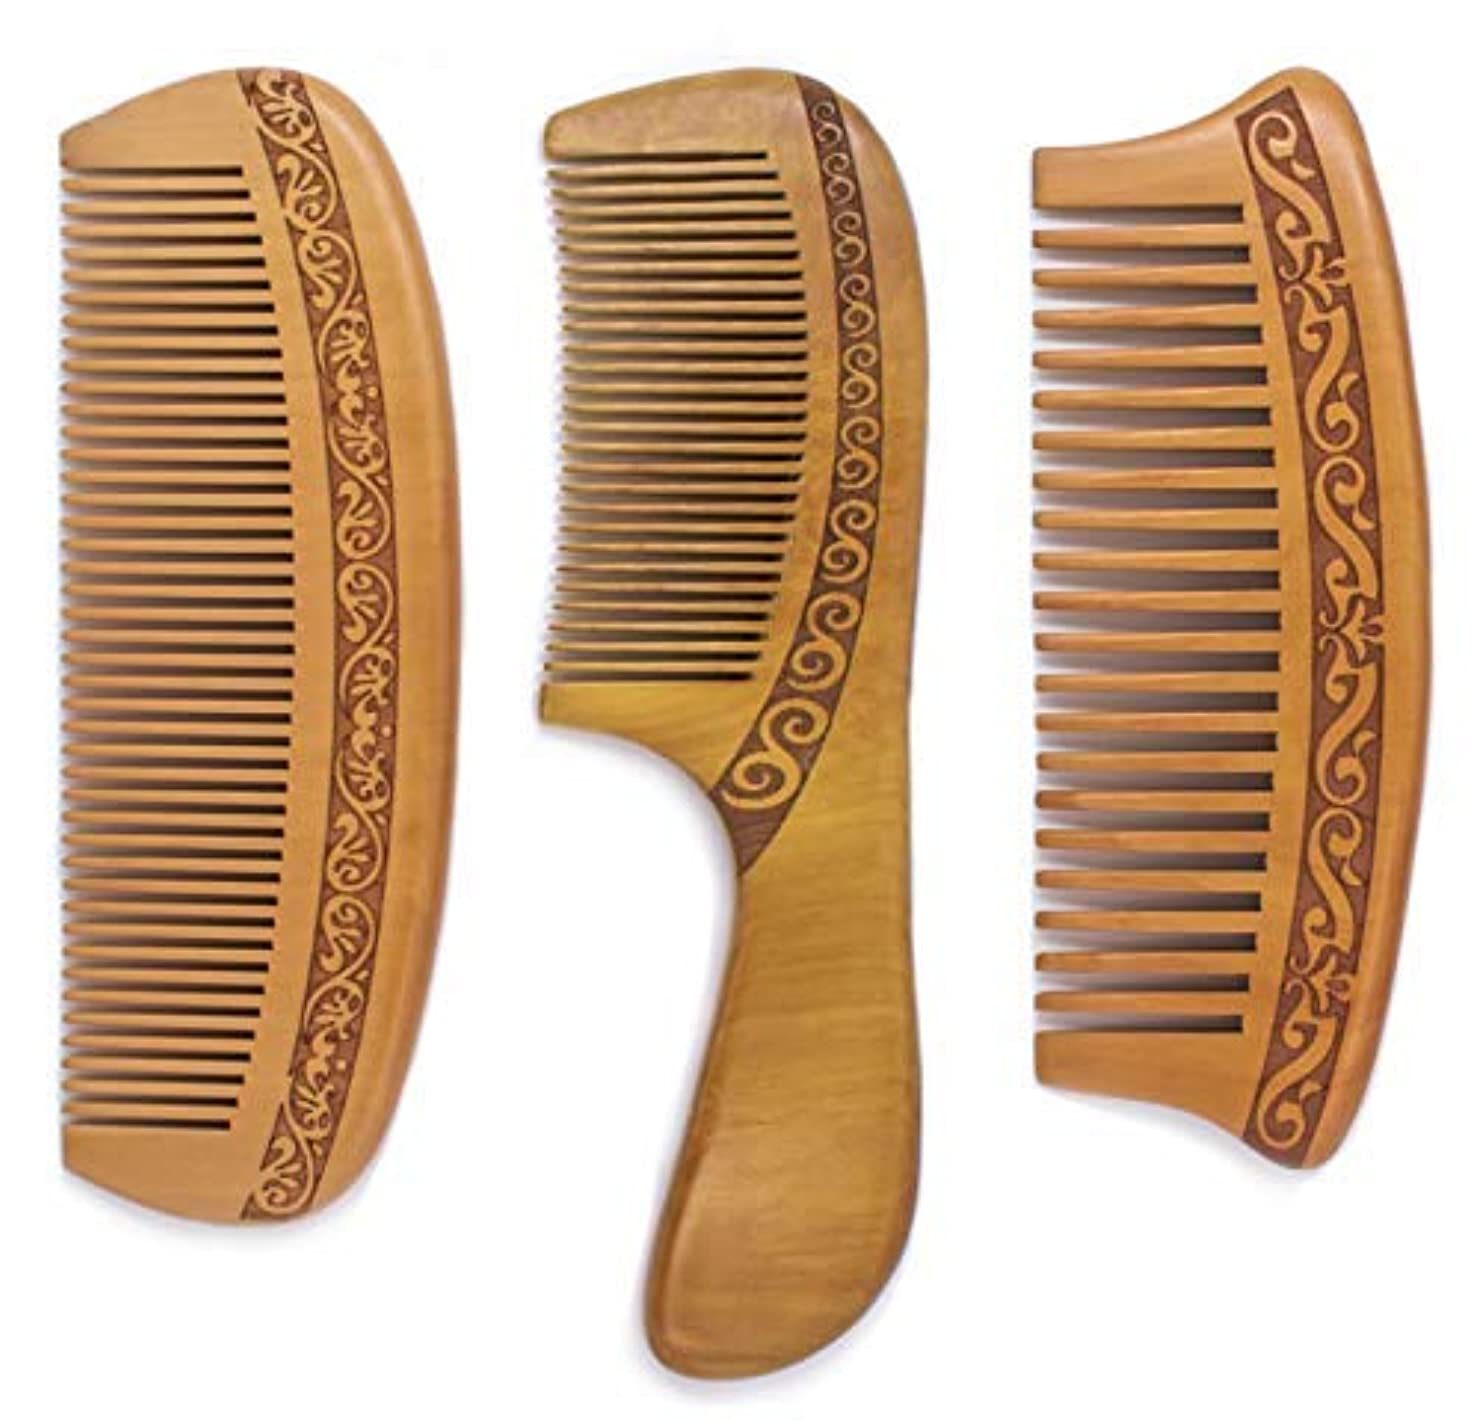 ピザポルトガル語対象Detangling Comb, Wooden Detangling Fine and Wide Tooth Shower Comb SET, Anti-Static, Great for All Type Hair, Beard, Mustache. Made from Natural Peach Wood, 3 Pieces [並行輸入品]